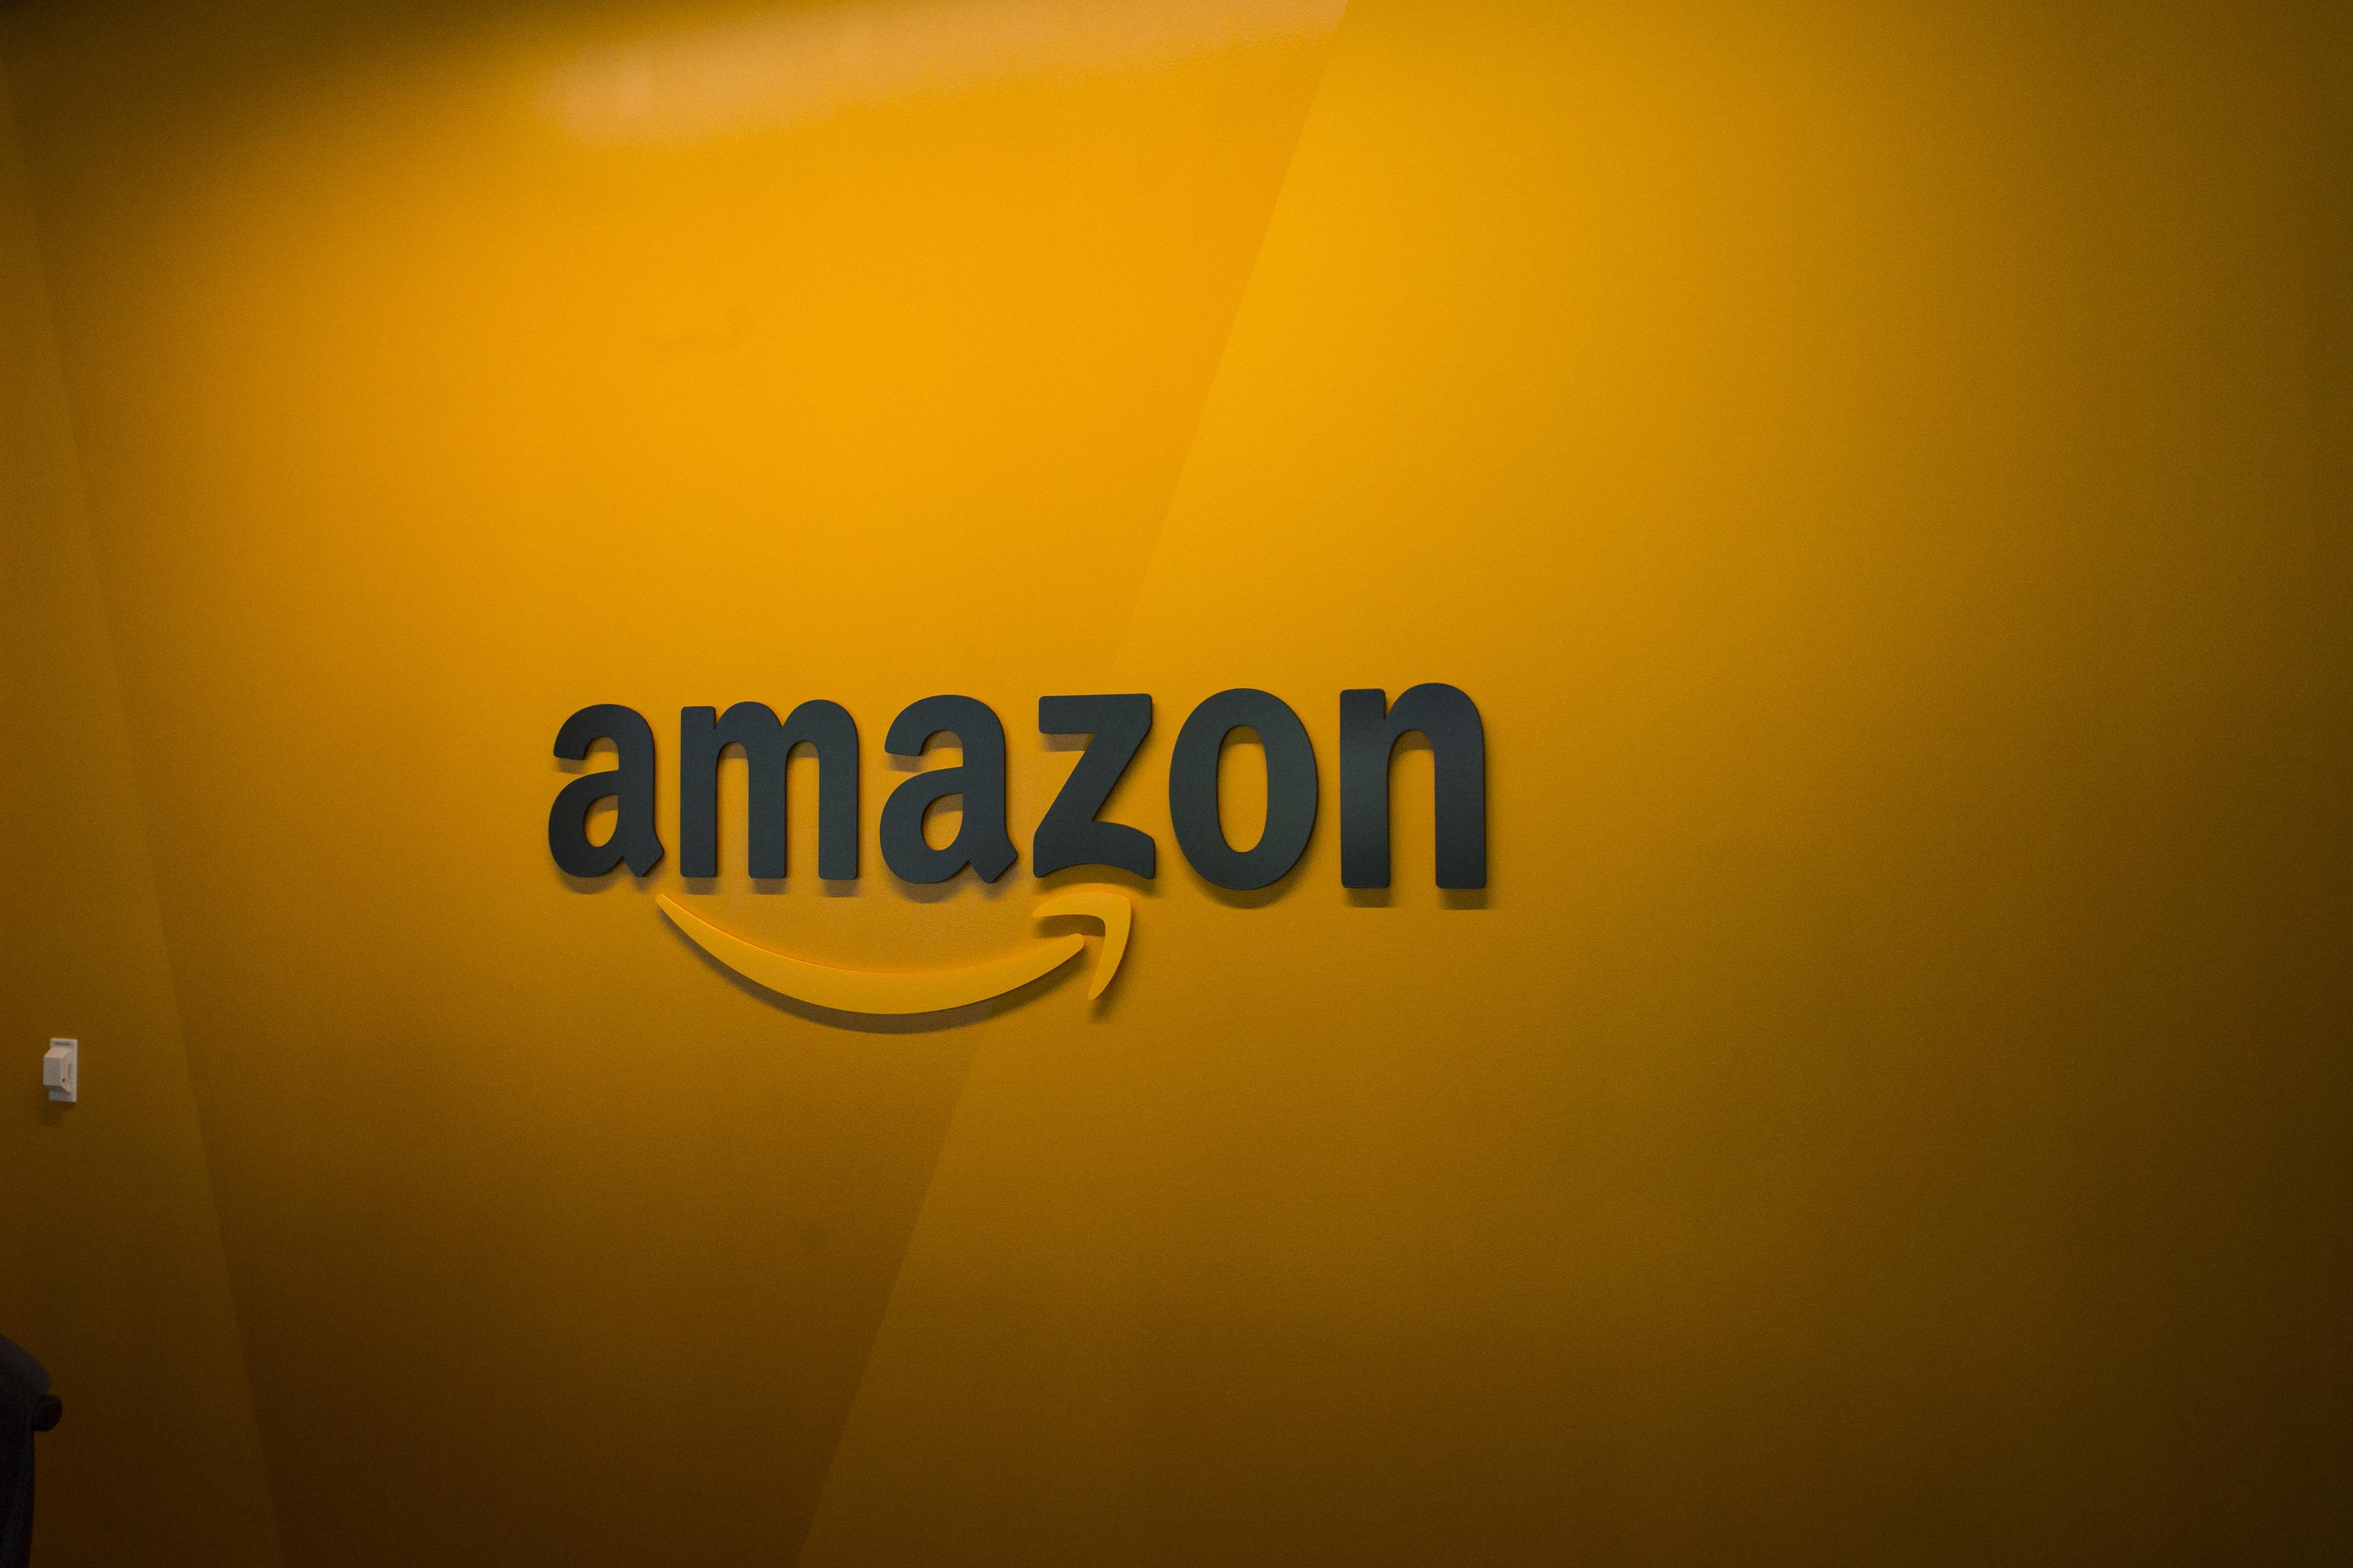 Amazon sắp soán ngôi Walmart trở thành nhà bán lẻ lớn nhất Mỹ.